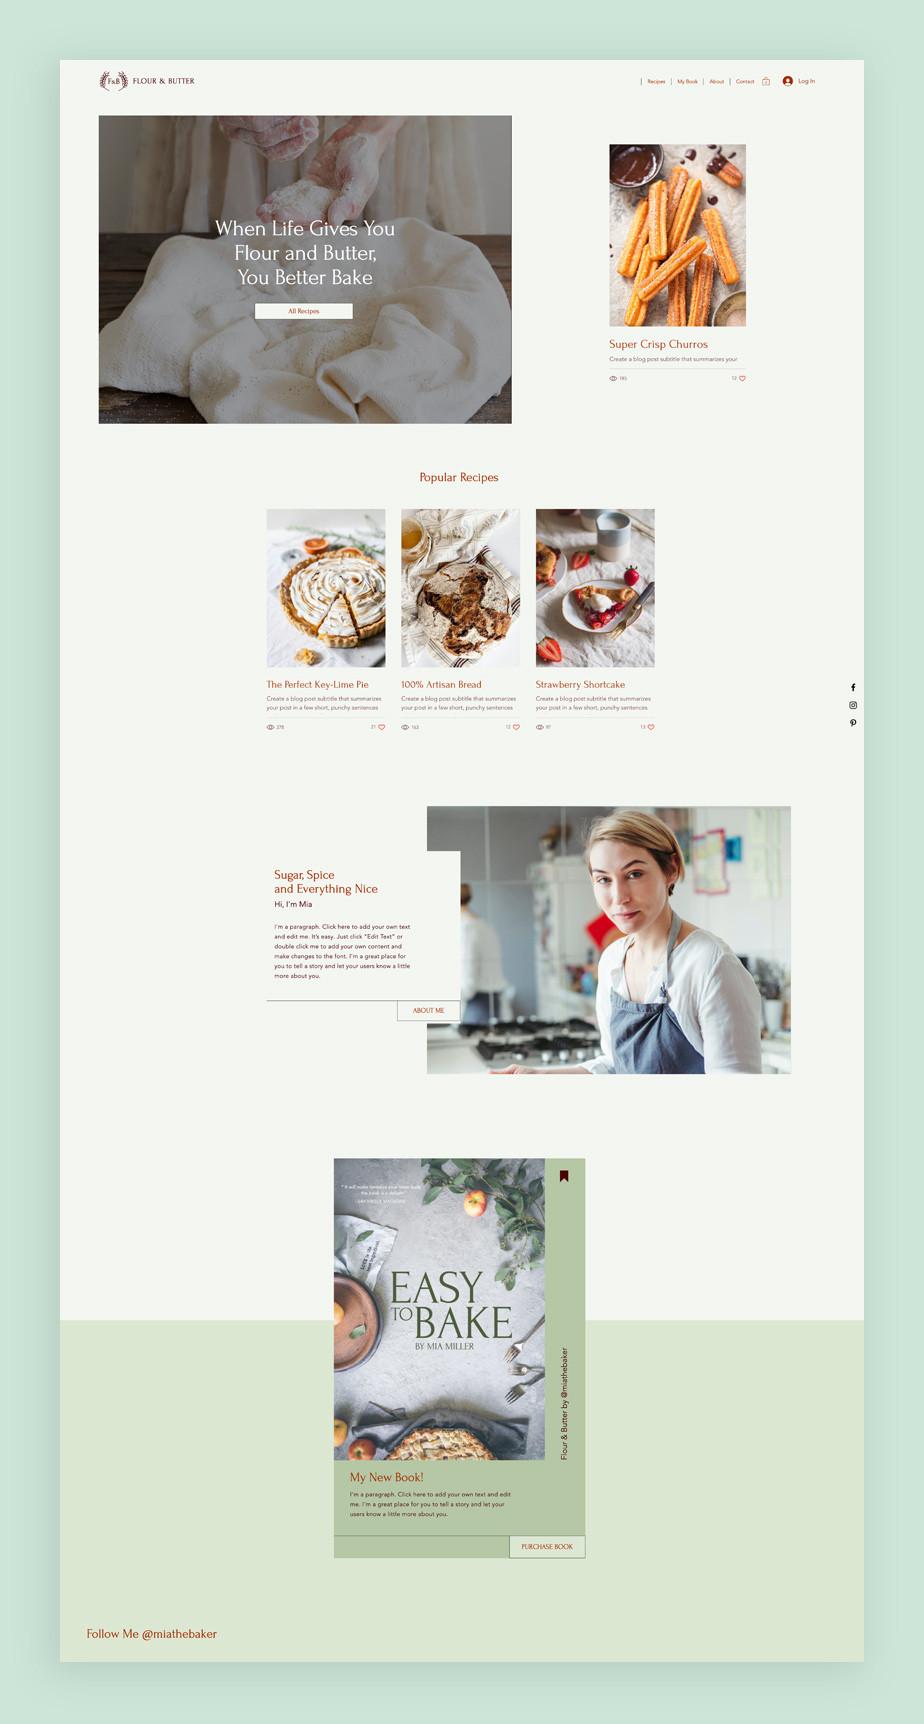 Najlepsze szablony blogów: szablon bloga cukierniczego